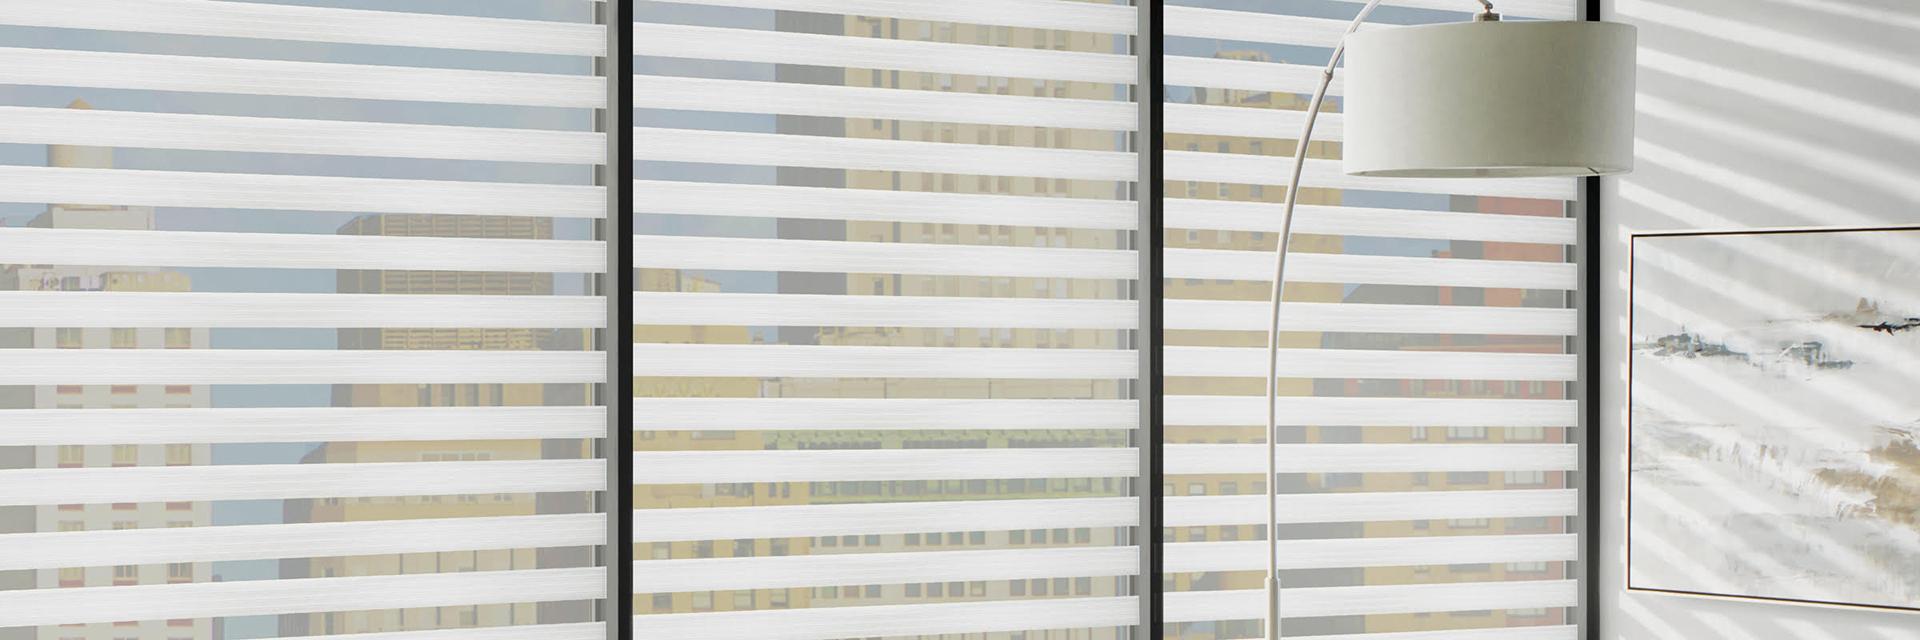 Rainbow Blinds Singapore